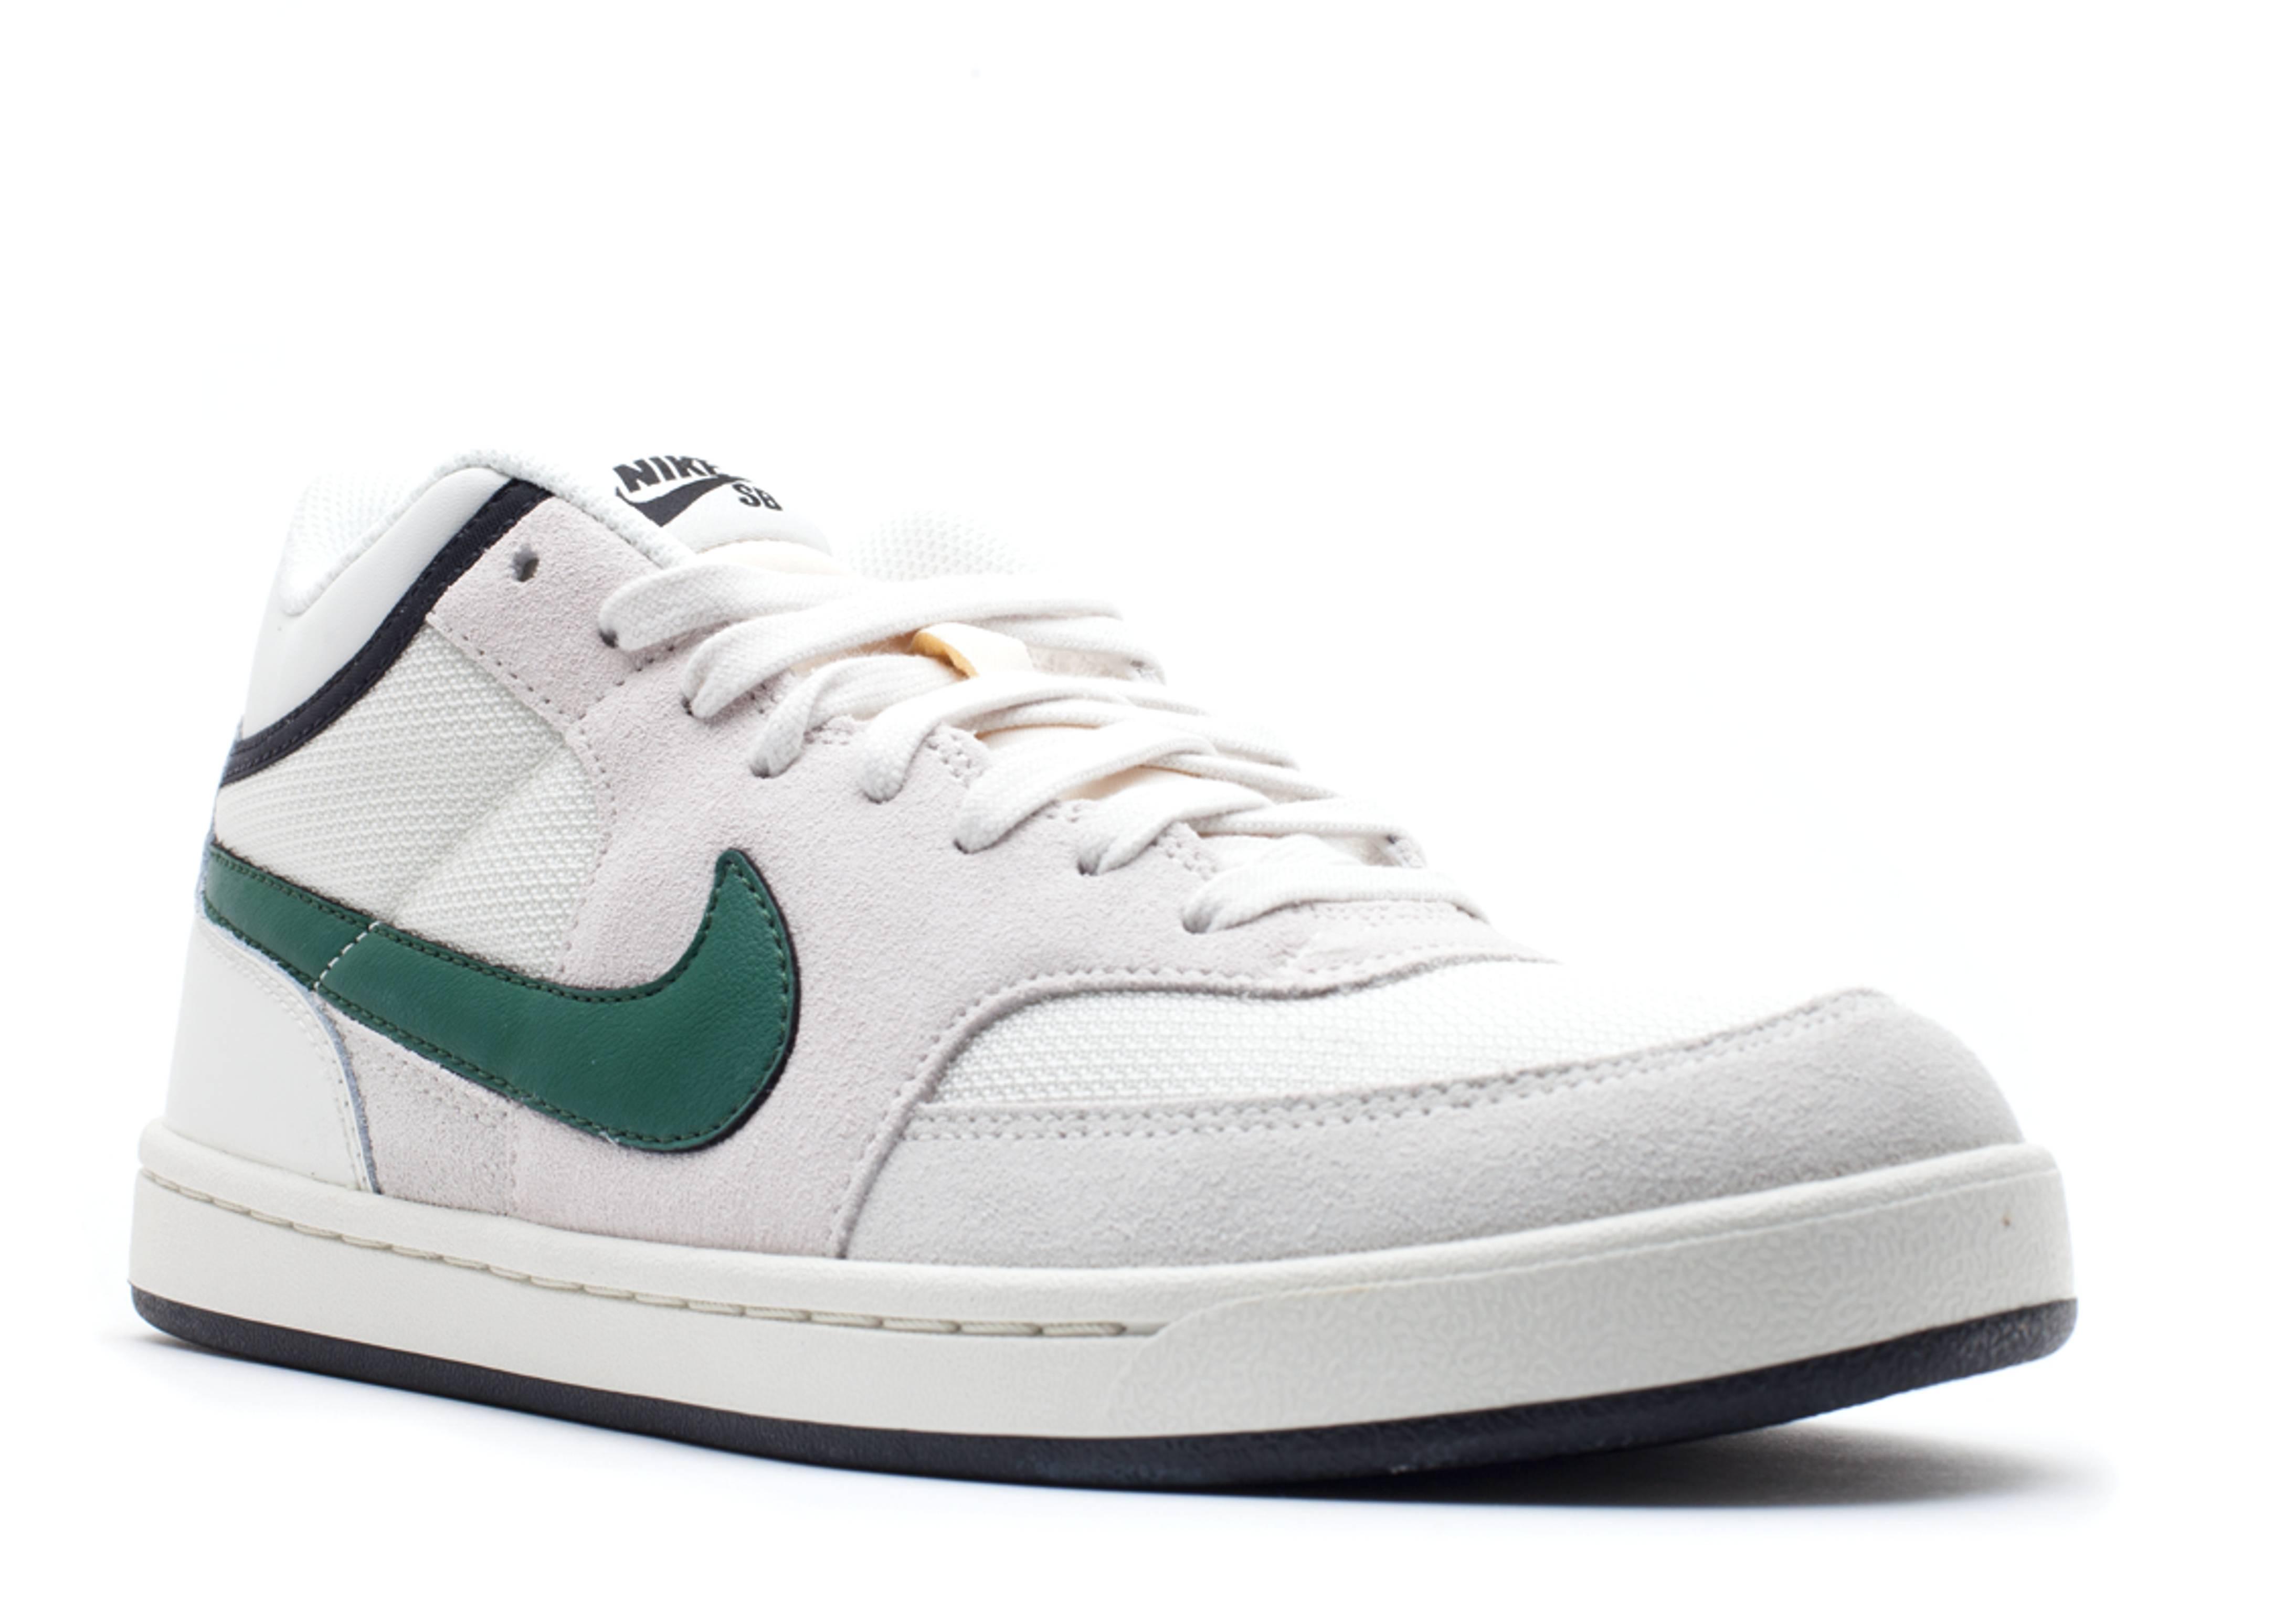 diversos estilos nuevas variedades hacer un pedido Challenge Court Sb - Nike - 524849 130 - swan/gorge green-black ...